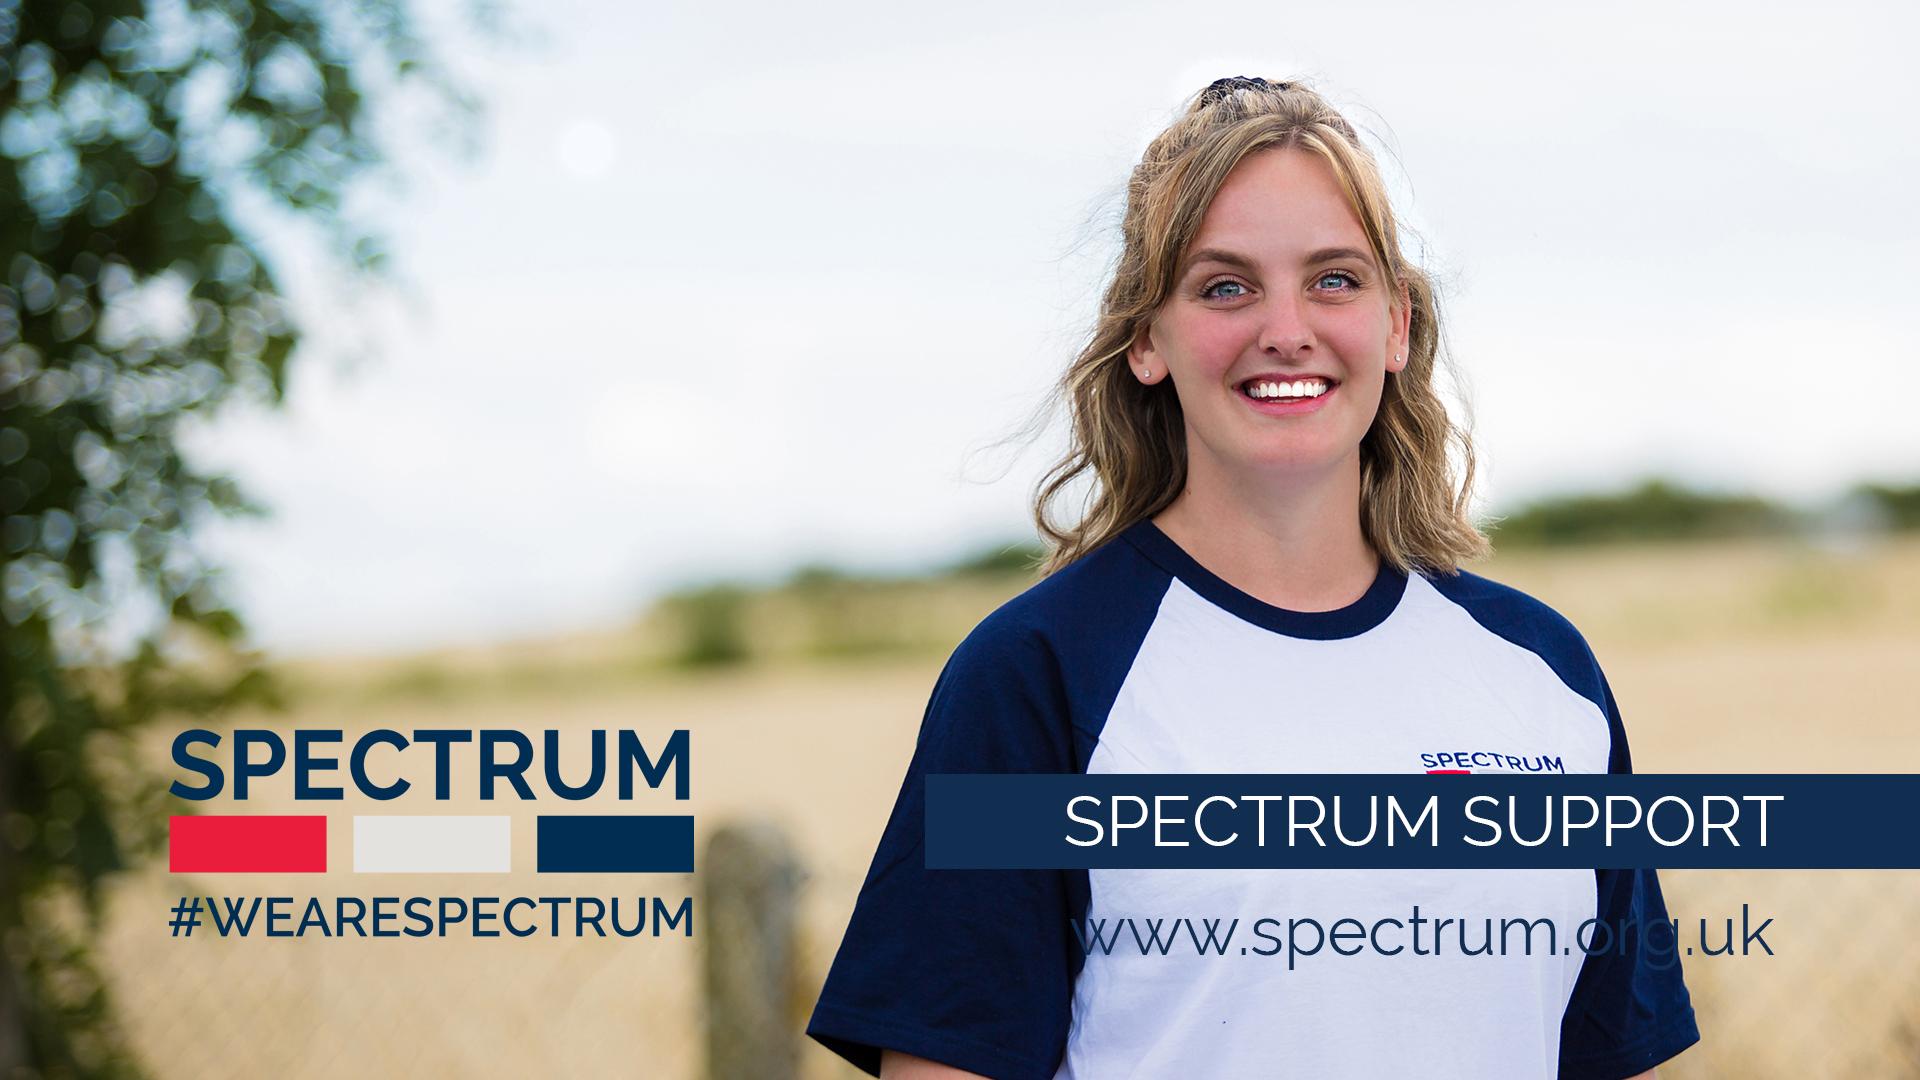 Spectrum Support